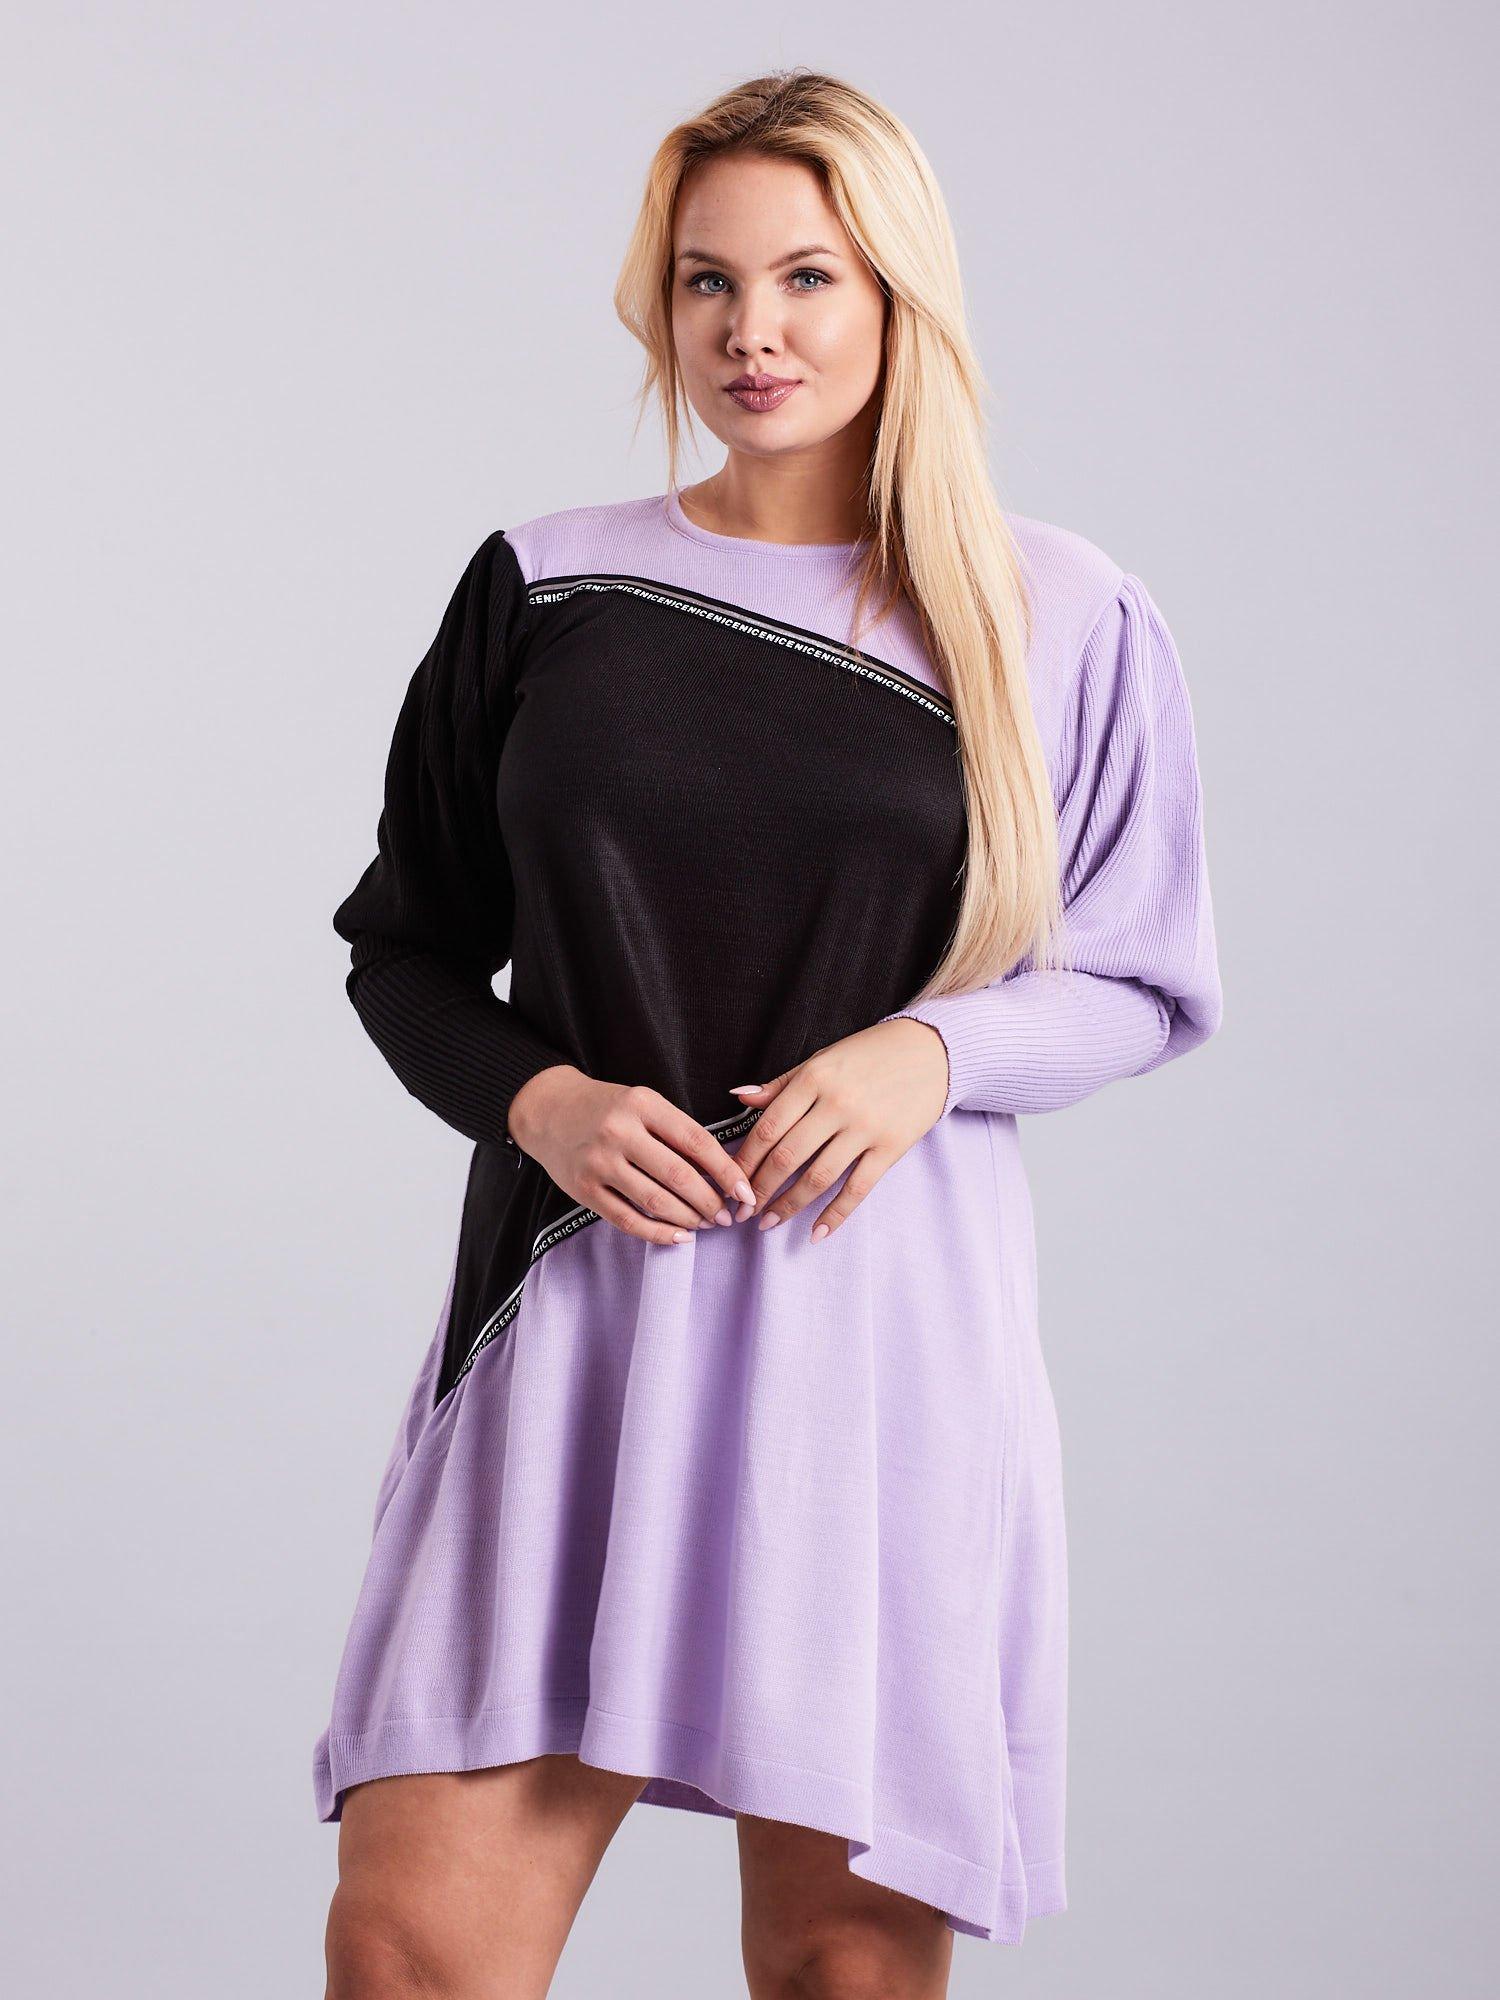 3c9acda226 Jasnoróżowa luźna sukienka z dzianiny - Sukienka dzianinowa - sklep  eButik.pl